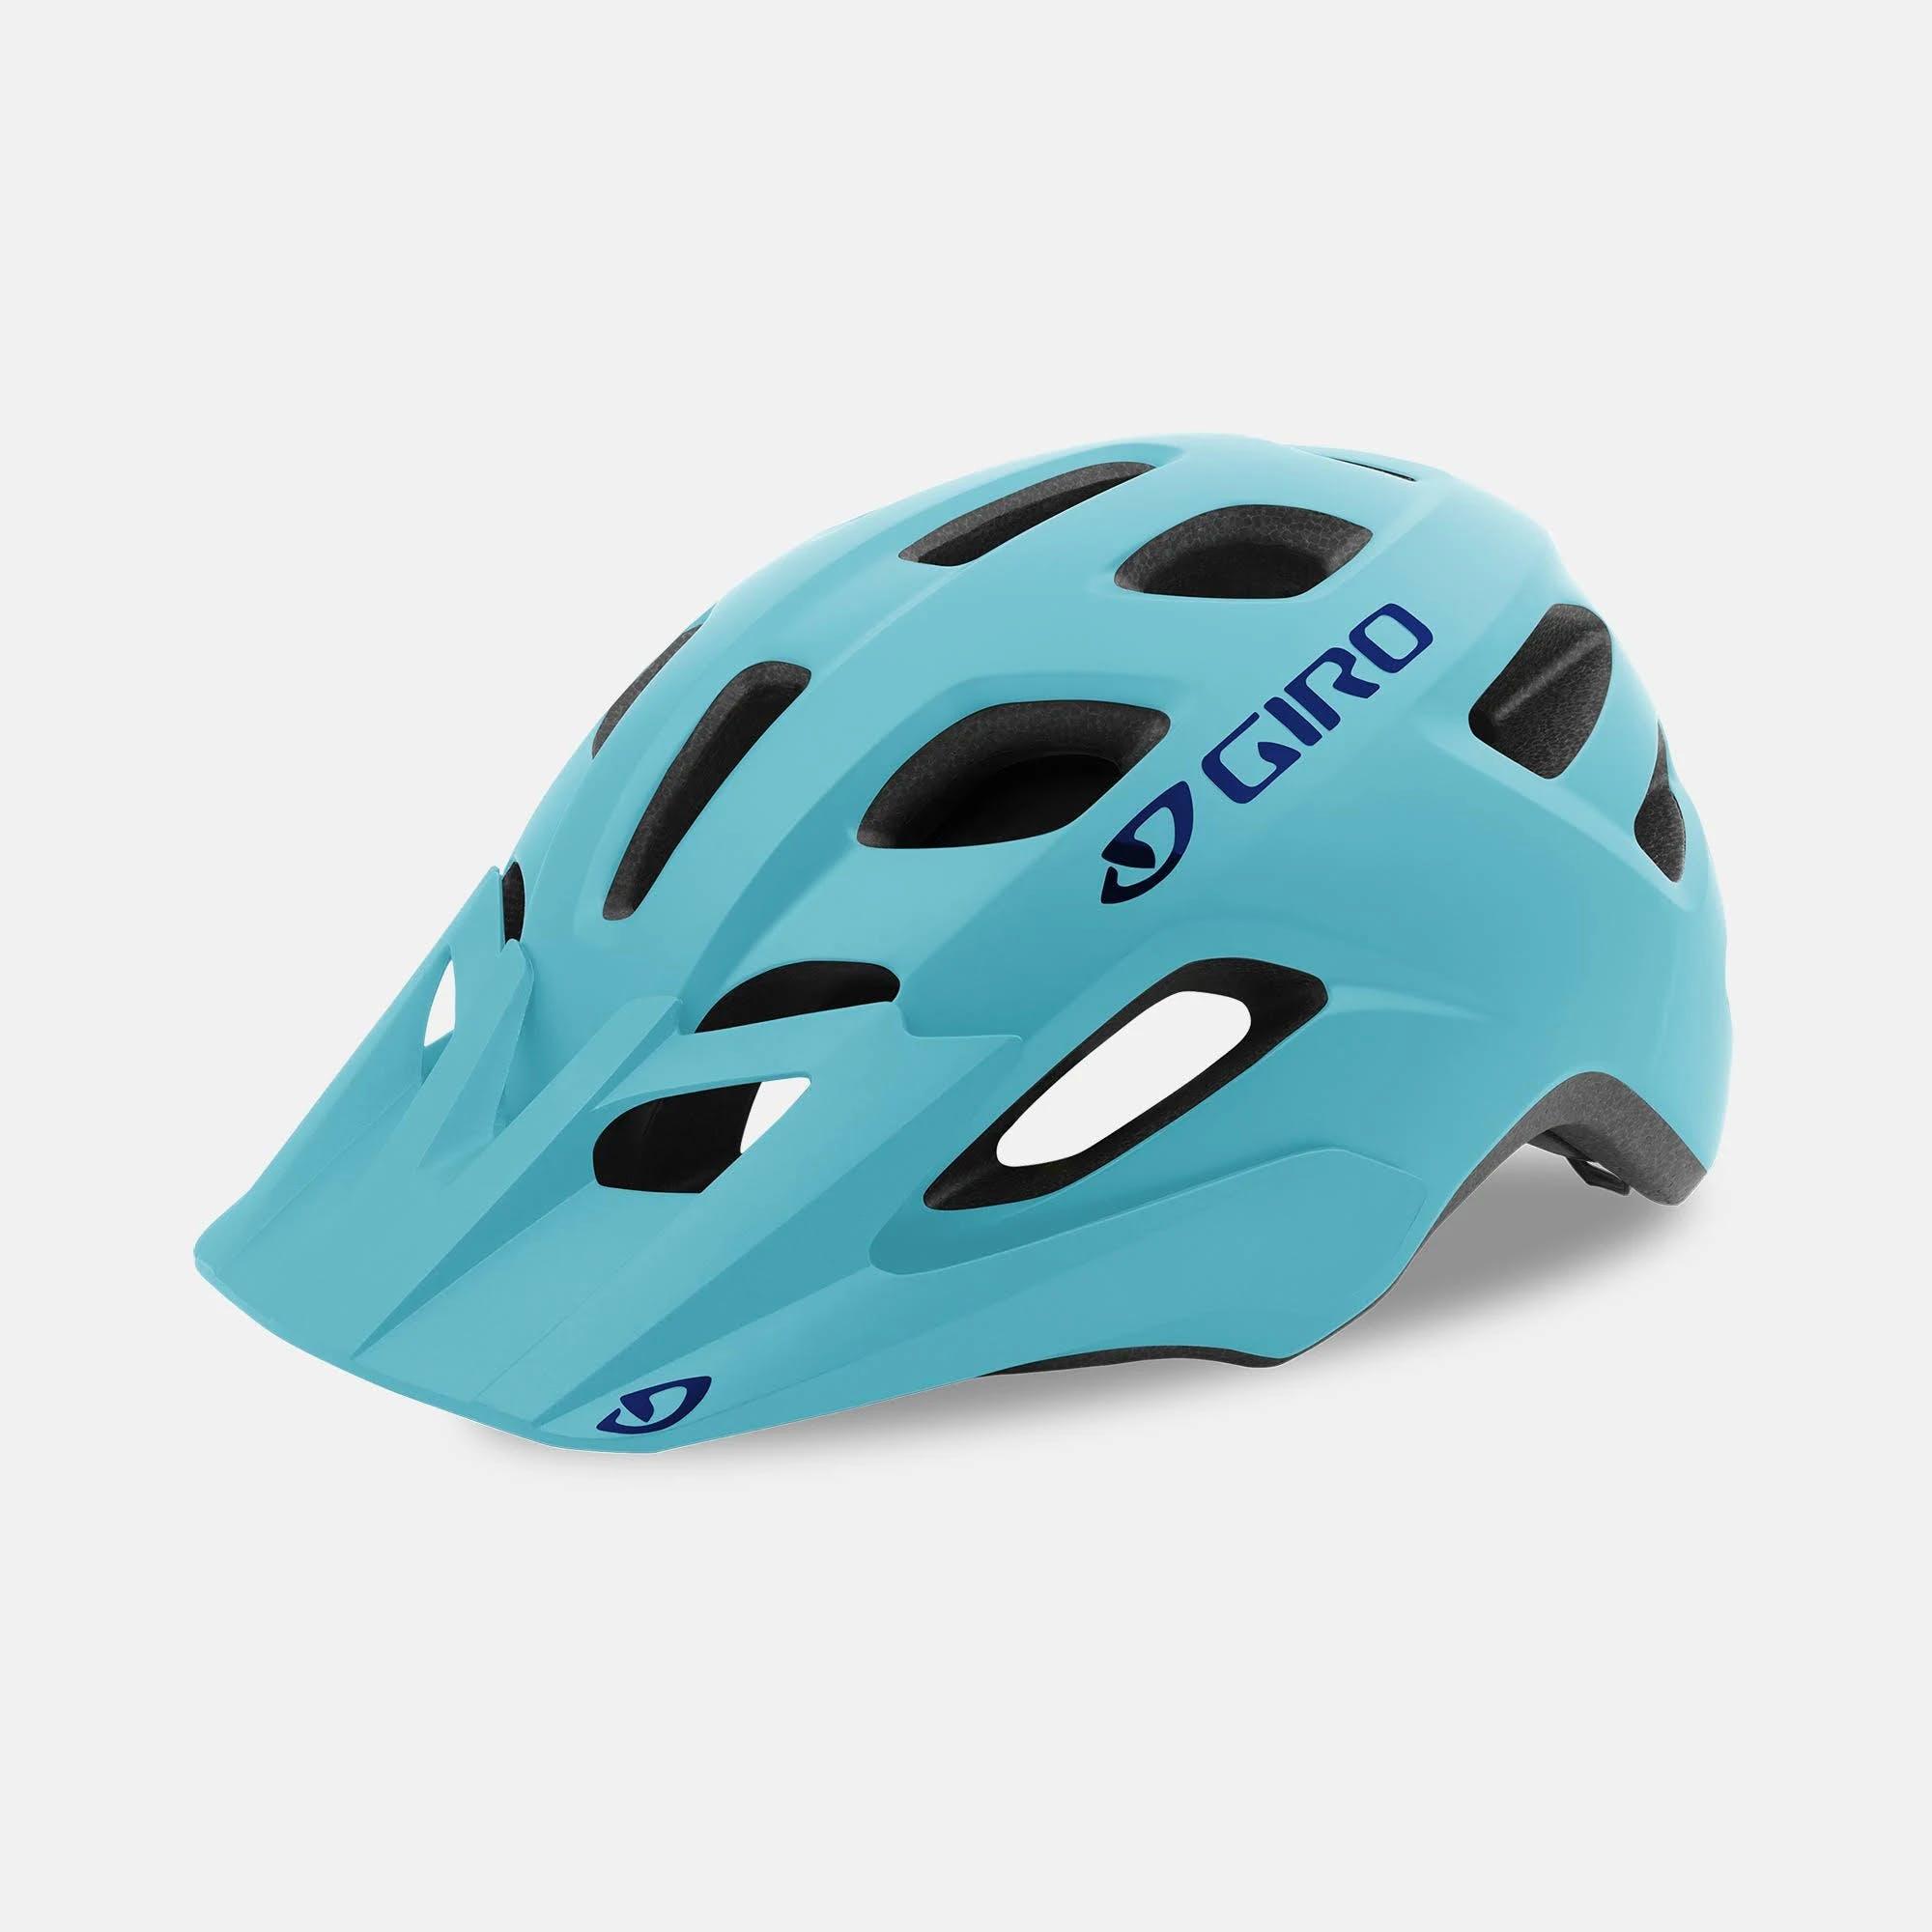 Giro Verce MIPS Bike Helmet - Women's Matte Glacier